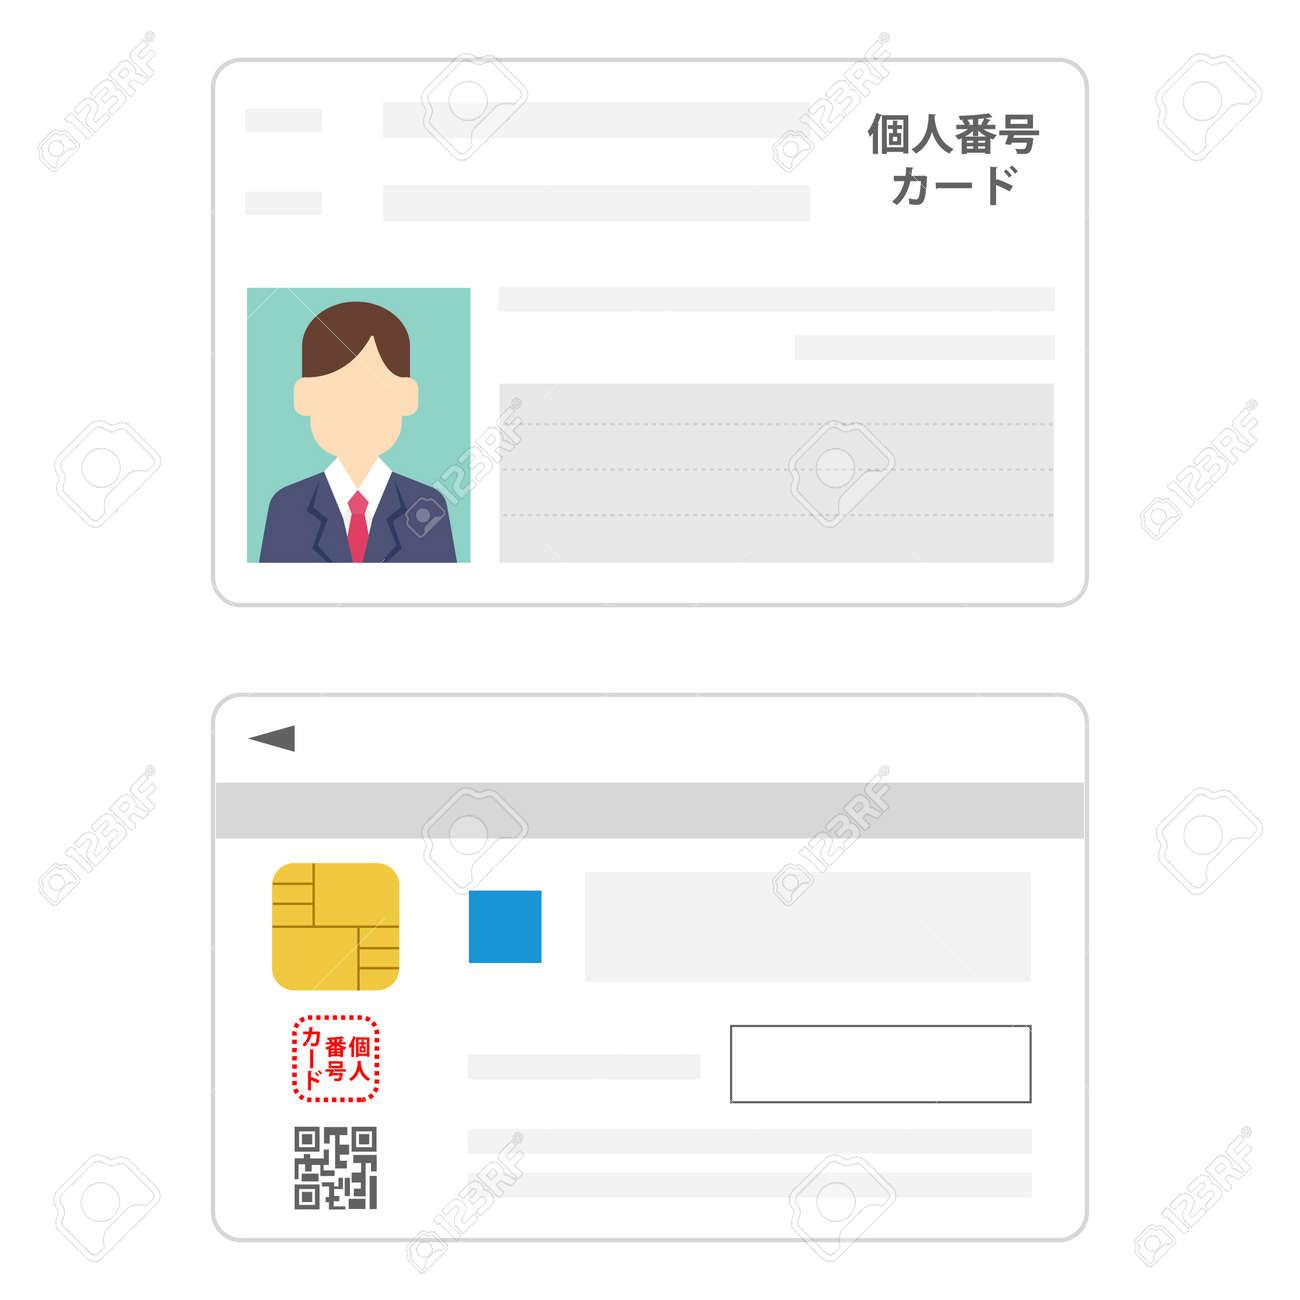 Certificate ID card - 170087238